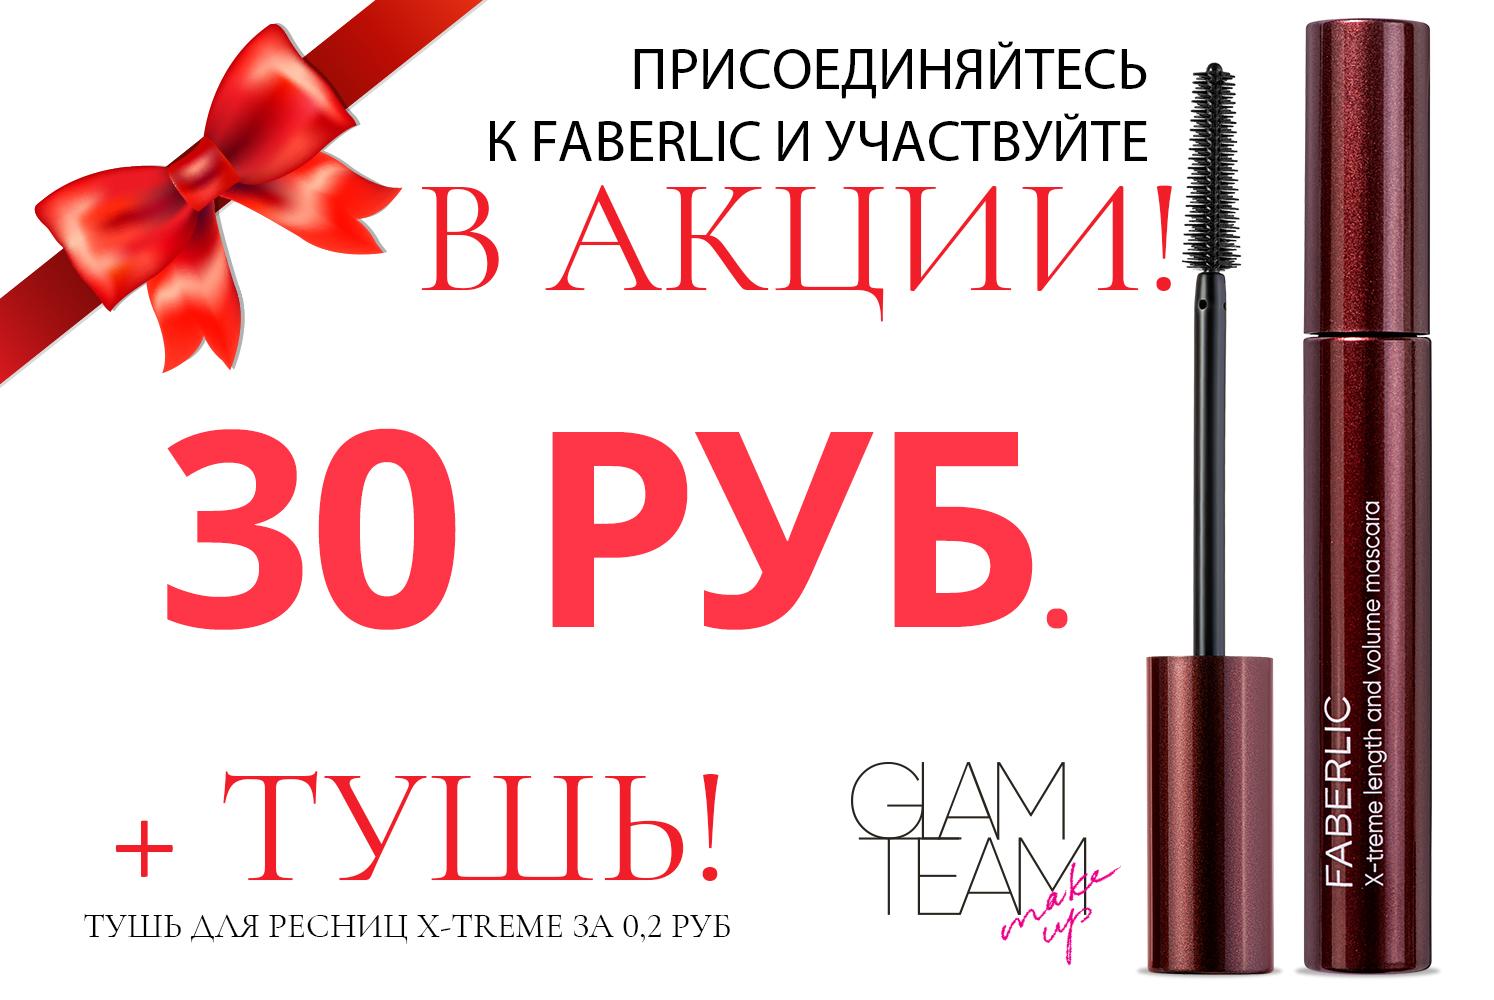 30 рублей в подарок от Фаберлик